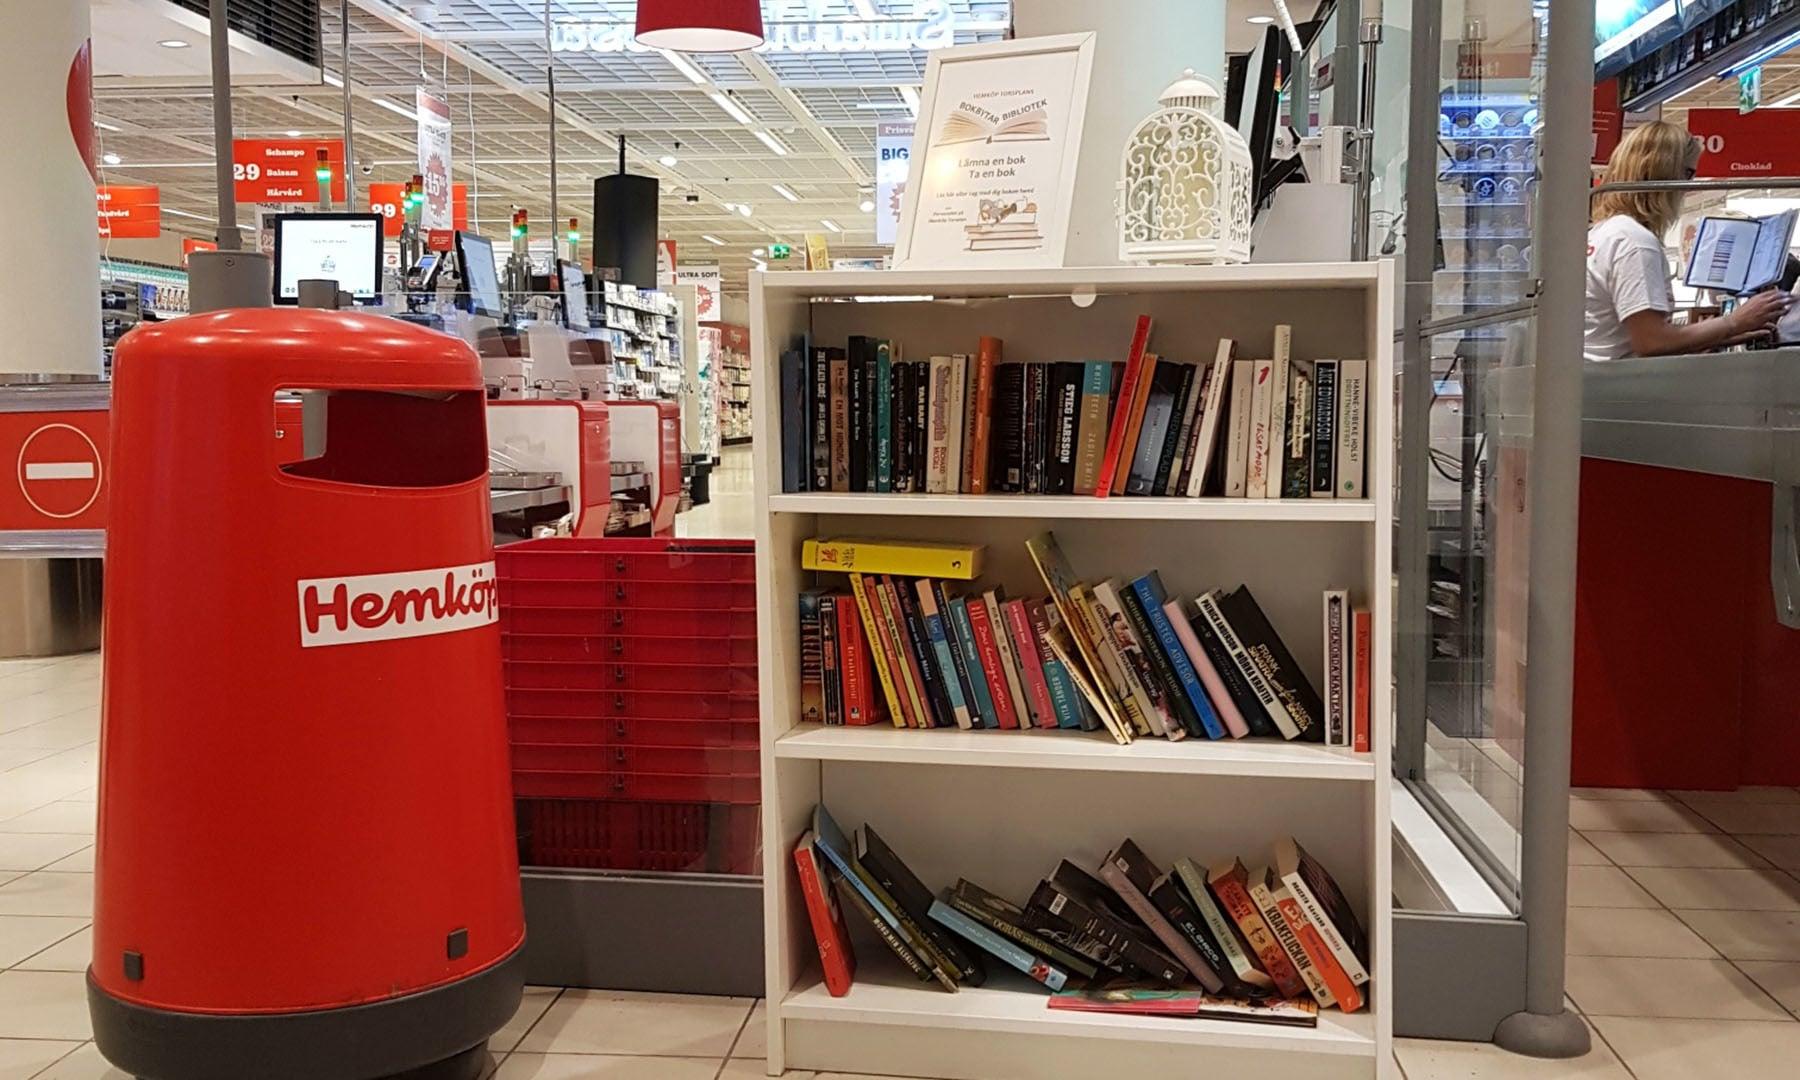 سوئیڈن میں جا بجا لائبریری، کتب اور کتب بینی والے دکھائی دیتے ہیں— تصویر عارف محمود کسانہ